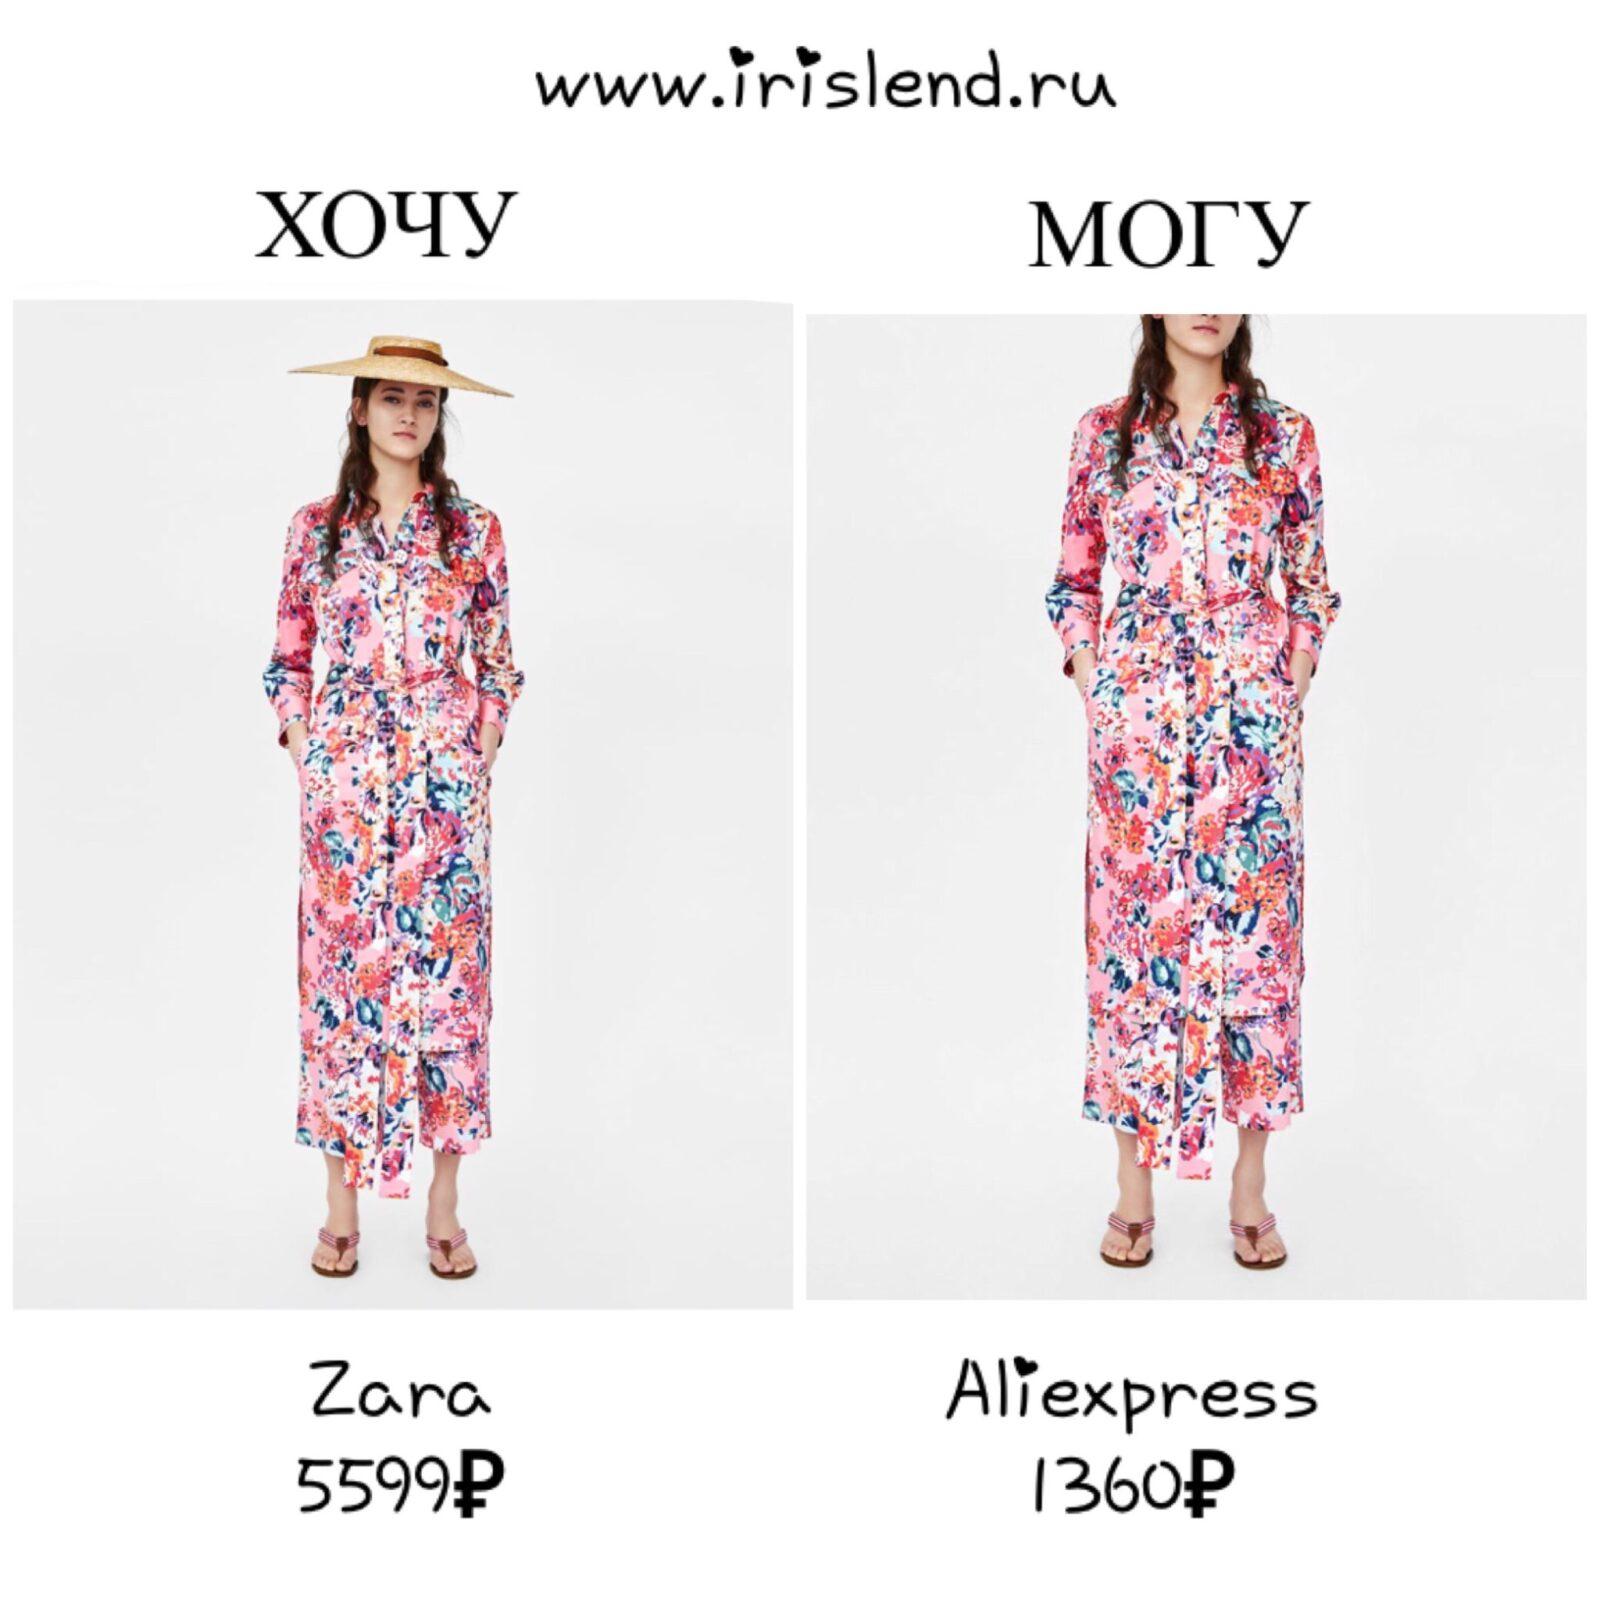 2ebb9d4cd910 Купить платье Zara на Алиэкспресс в 5 раз дешевле http   ali.pub 2l1evn